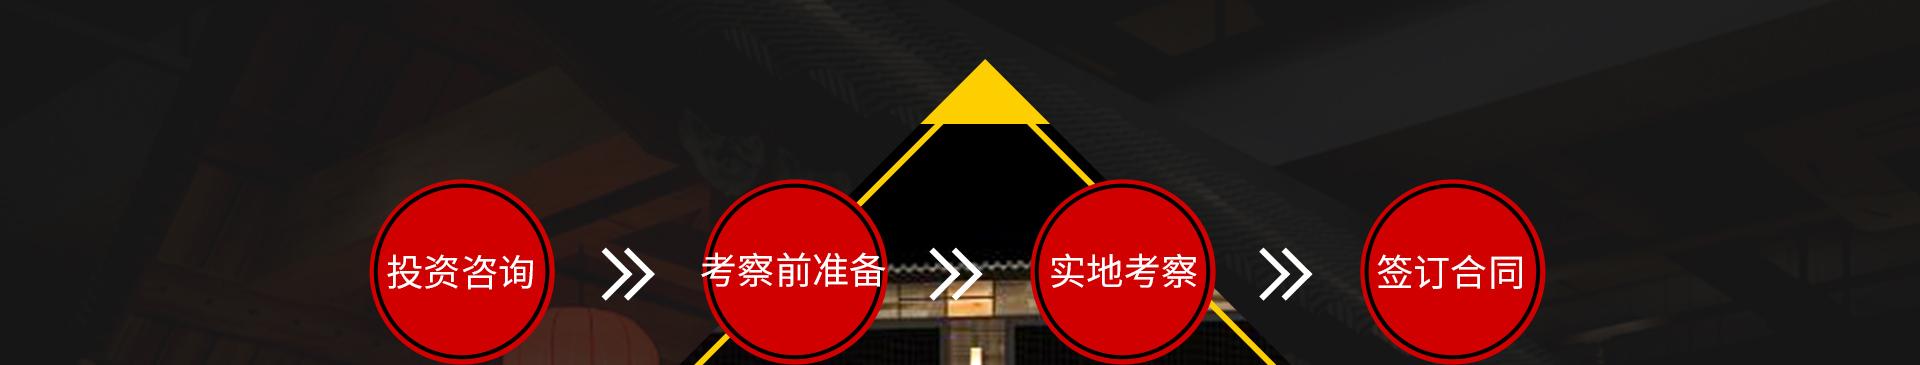 宽窄巷子火锅kzxz_42